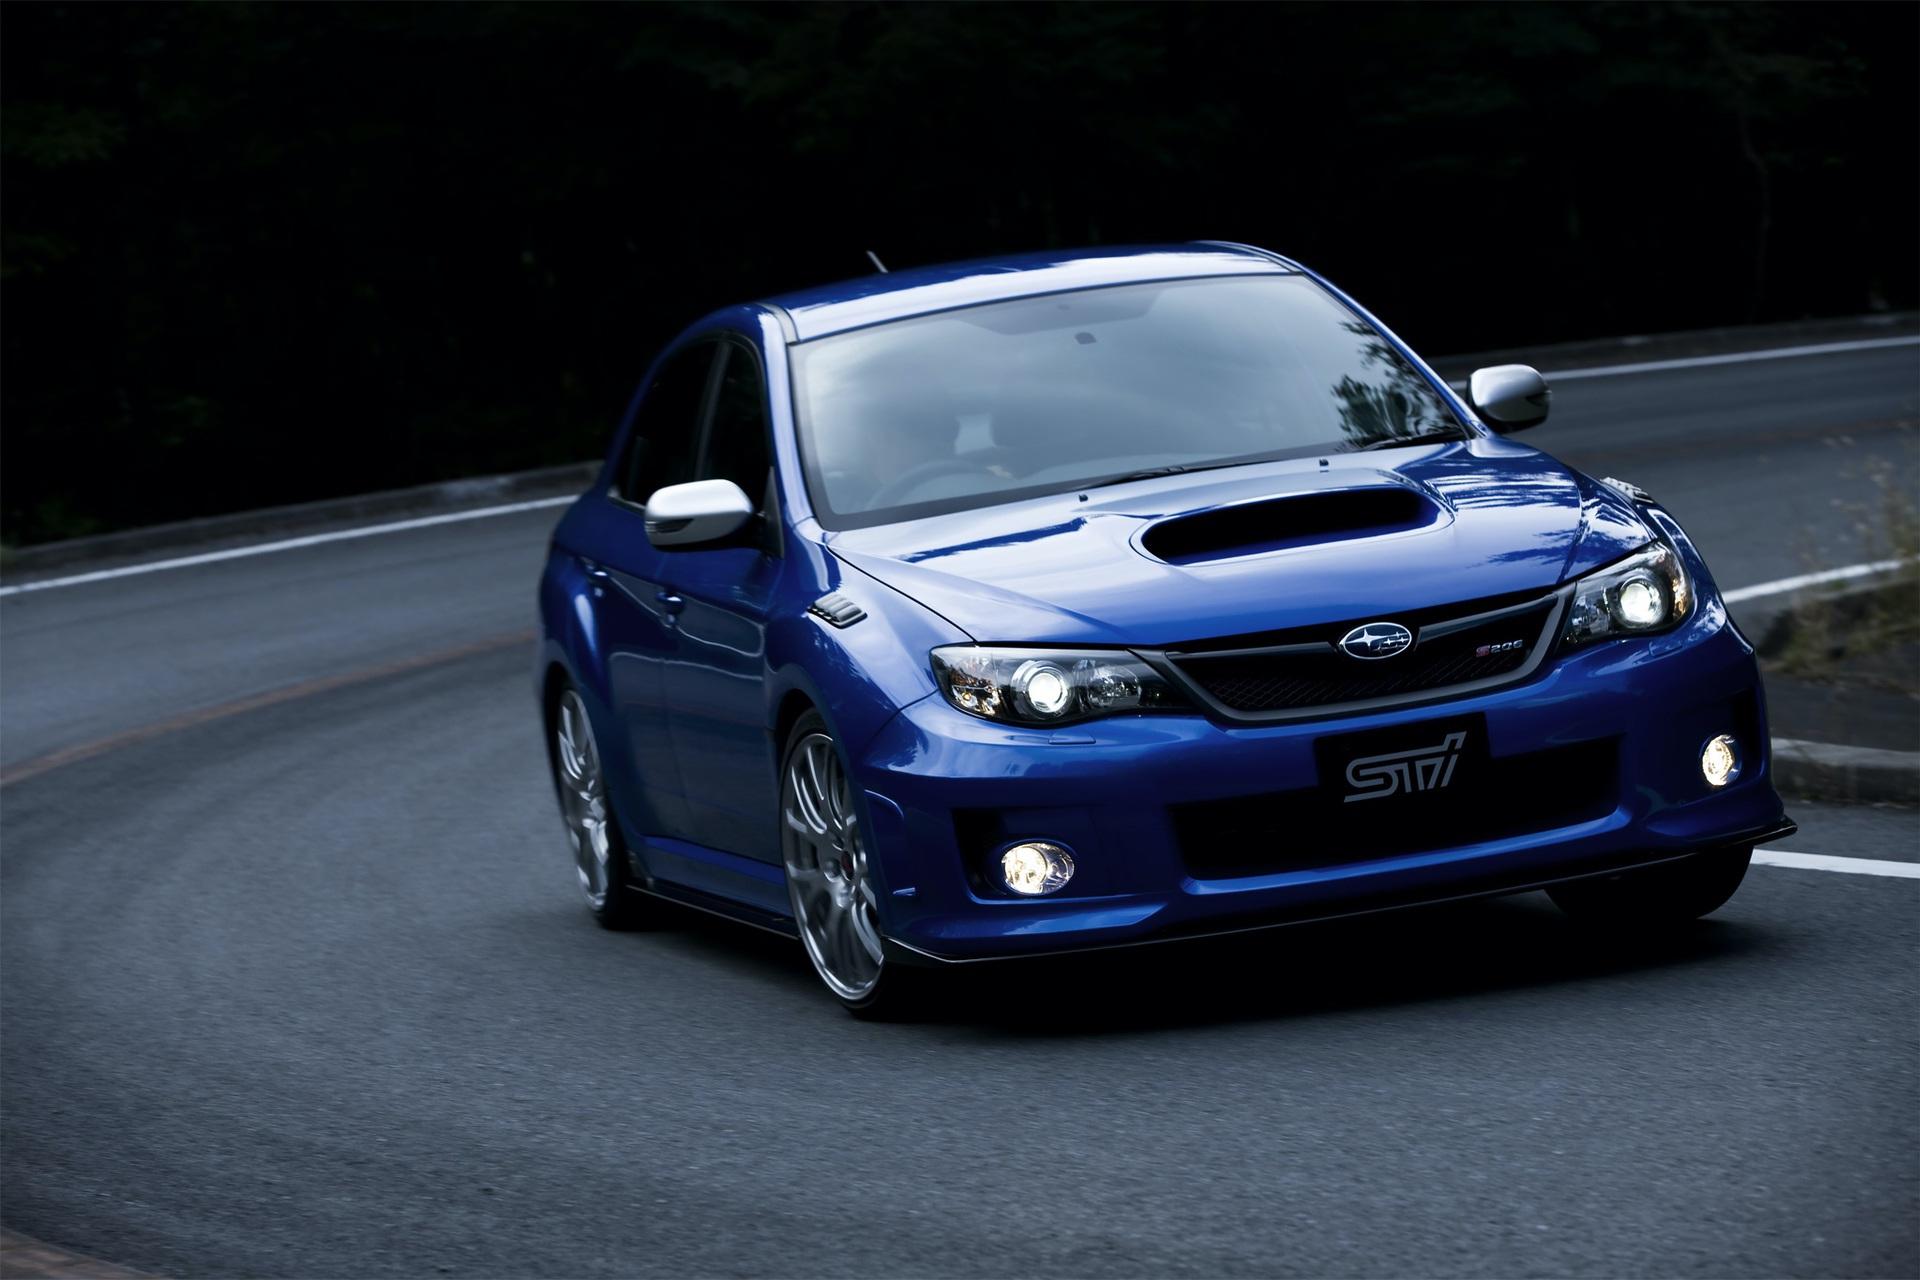 Subaru_Impreza_STI_S206_0006